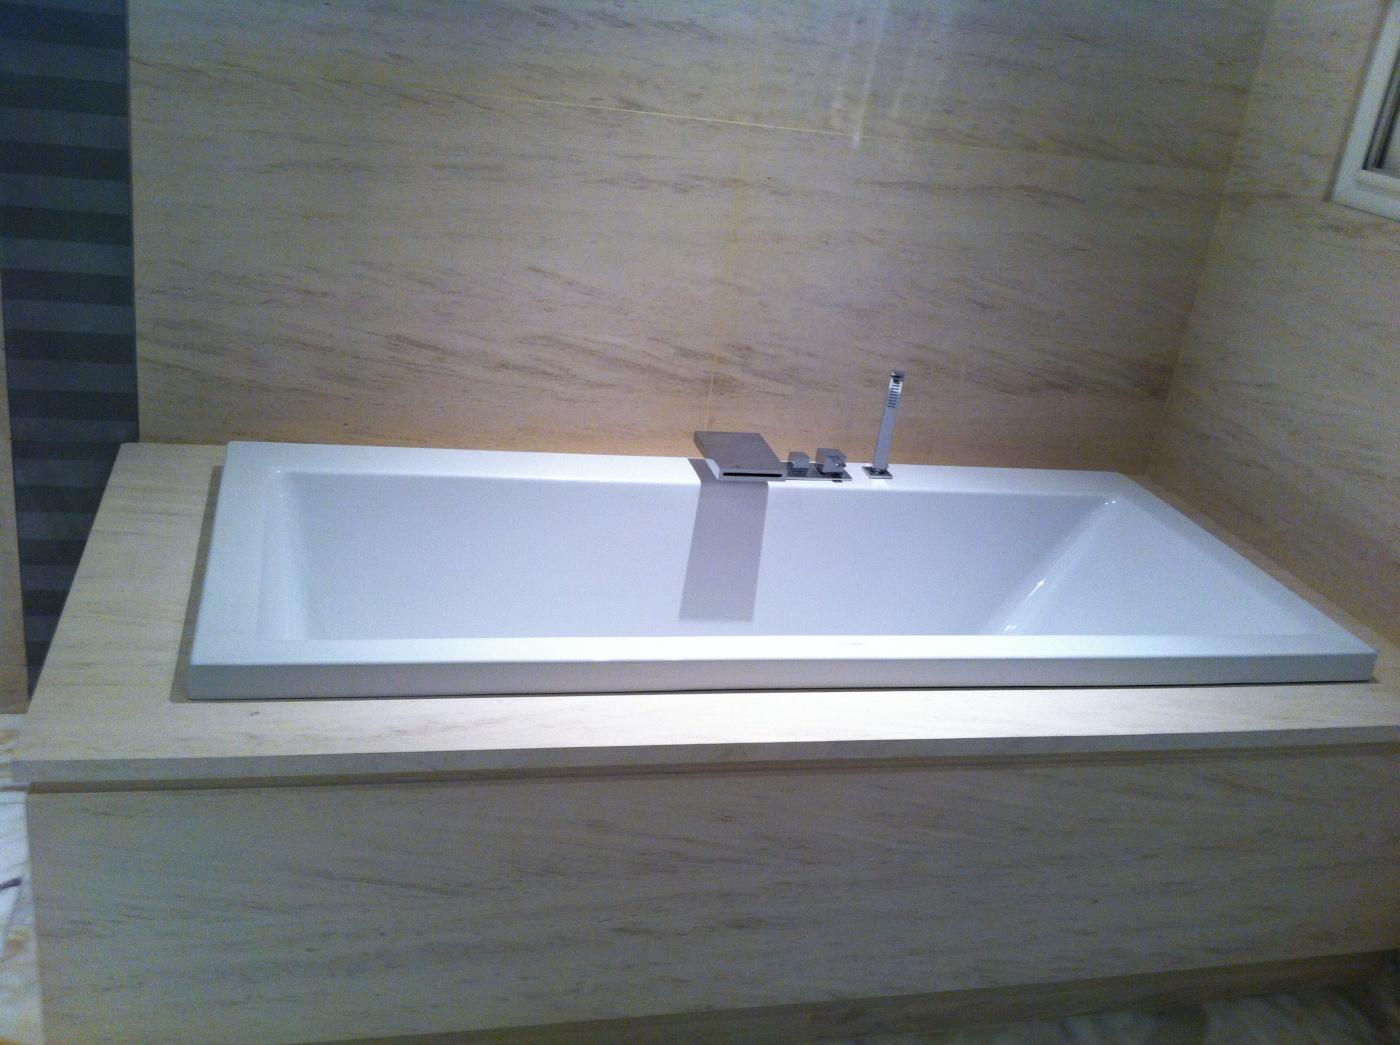 Semi-précieux Salle de bain en Moca Creme. Revêtement mural, tablette et tablier de baigoire découpés sur mesure